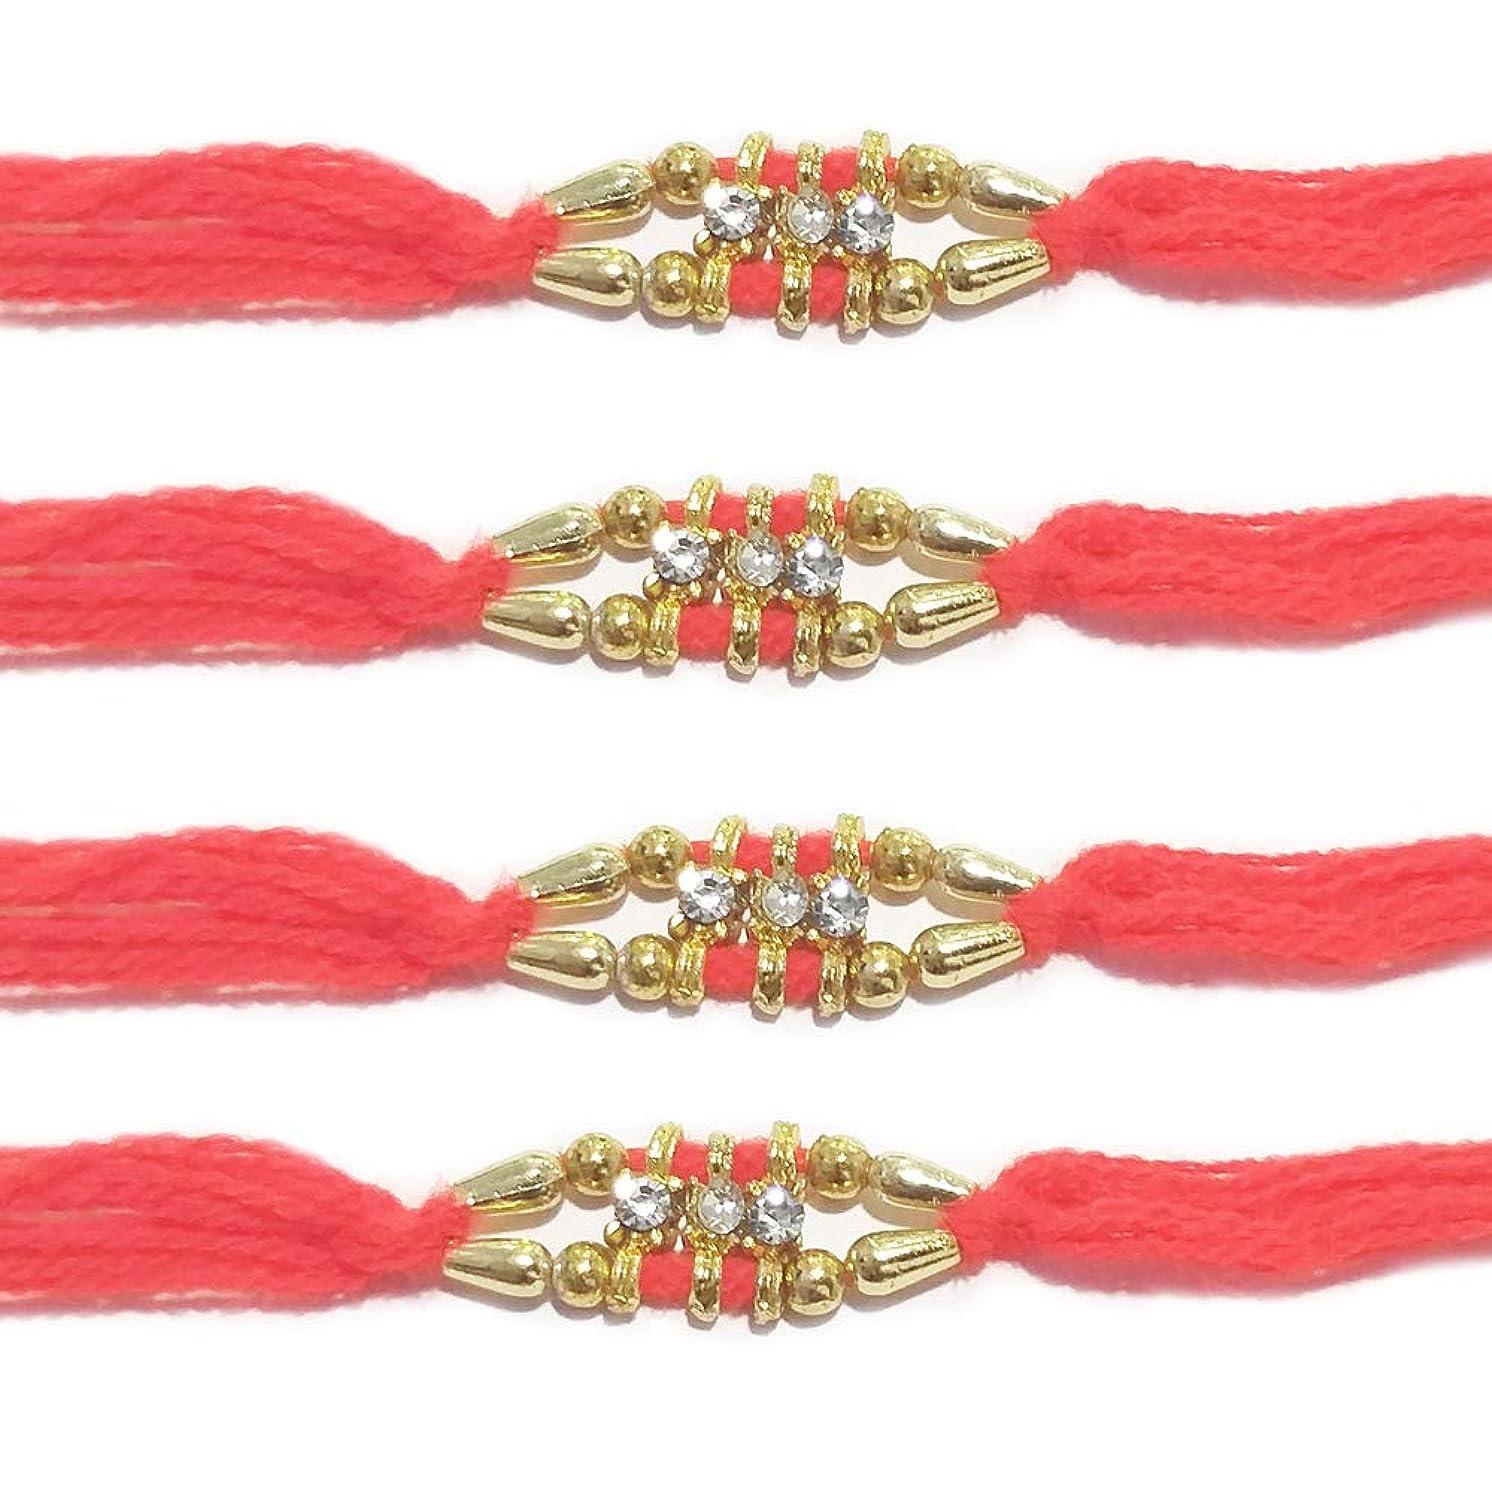 IndiaBigShop Set of 4 Rakhi for Brothers, 3 Stone Studded in Beads Design, Rakhi Bracelet, Multi Design and Assorted Color